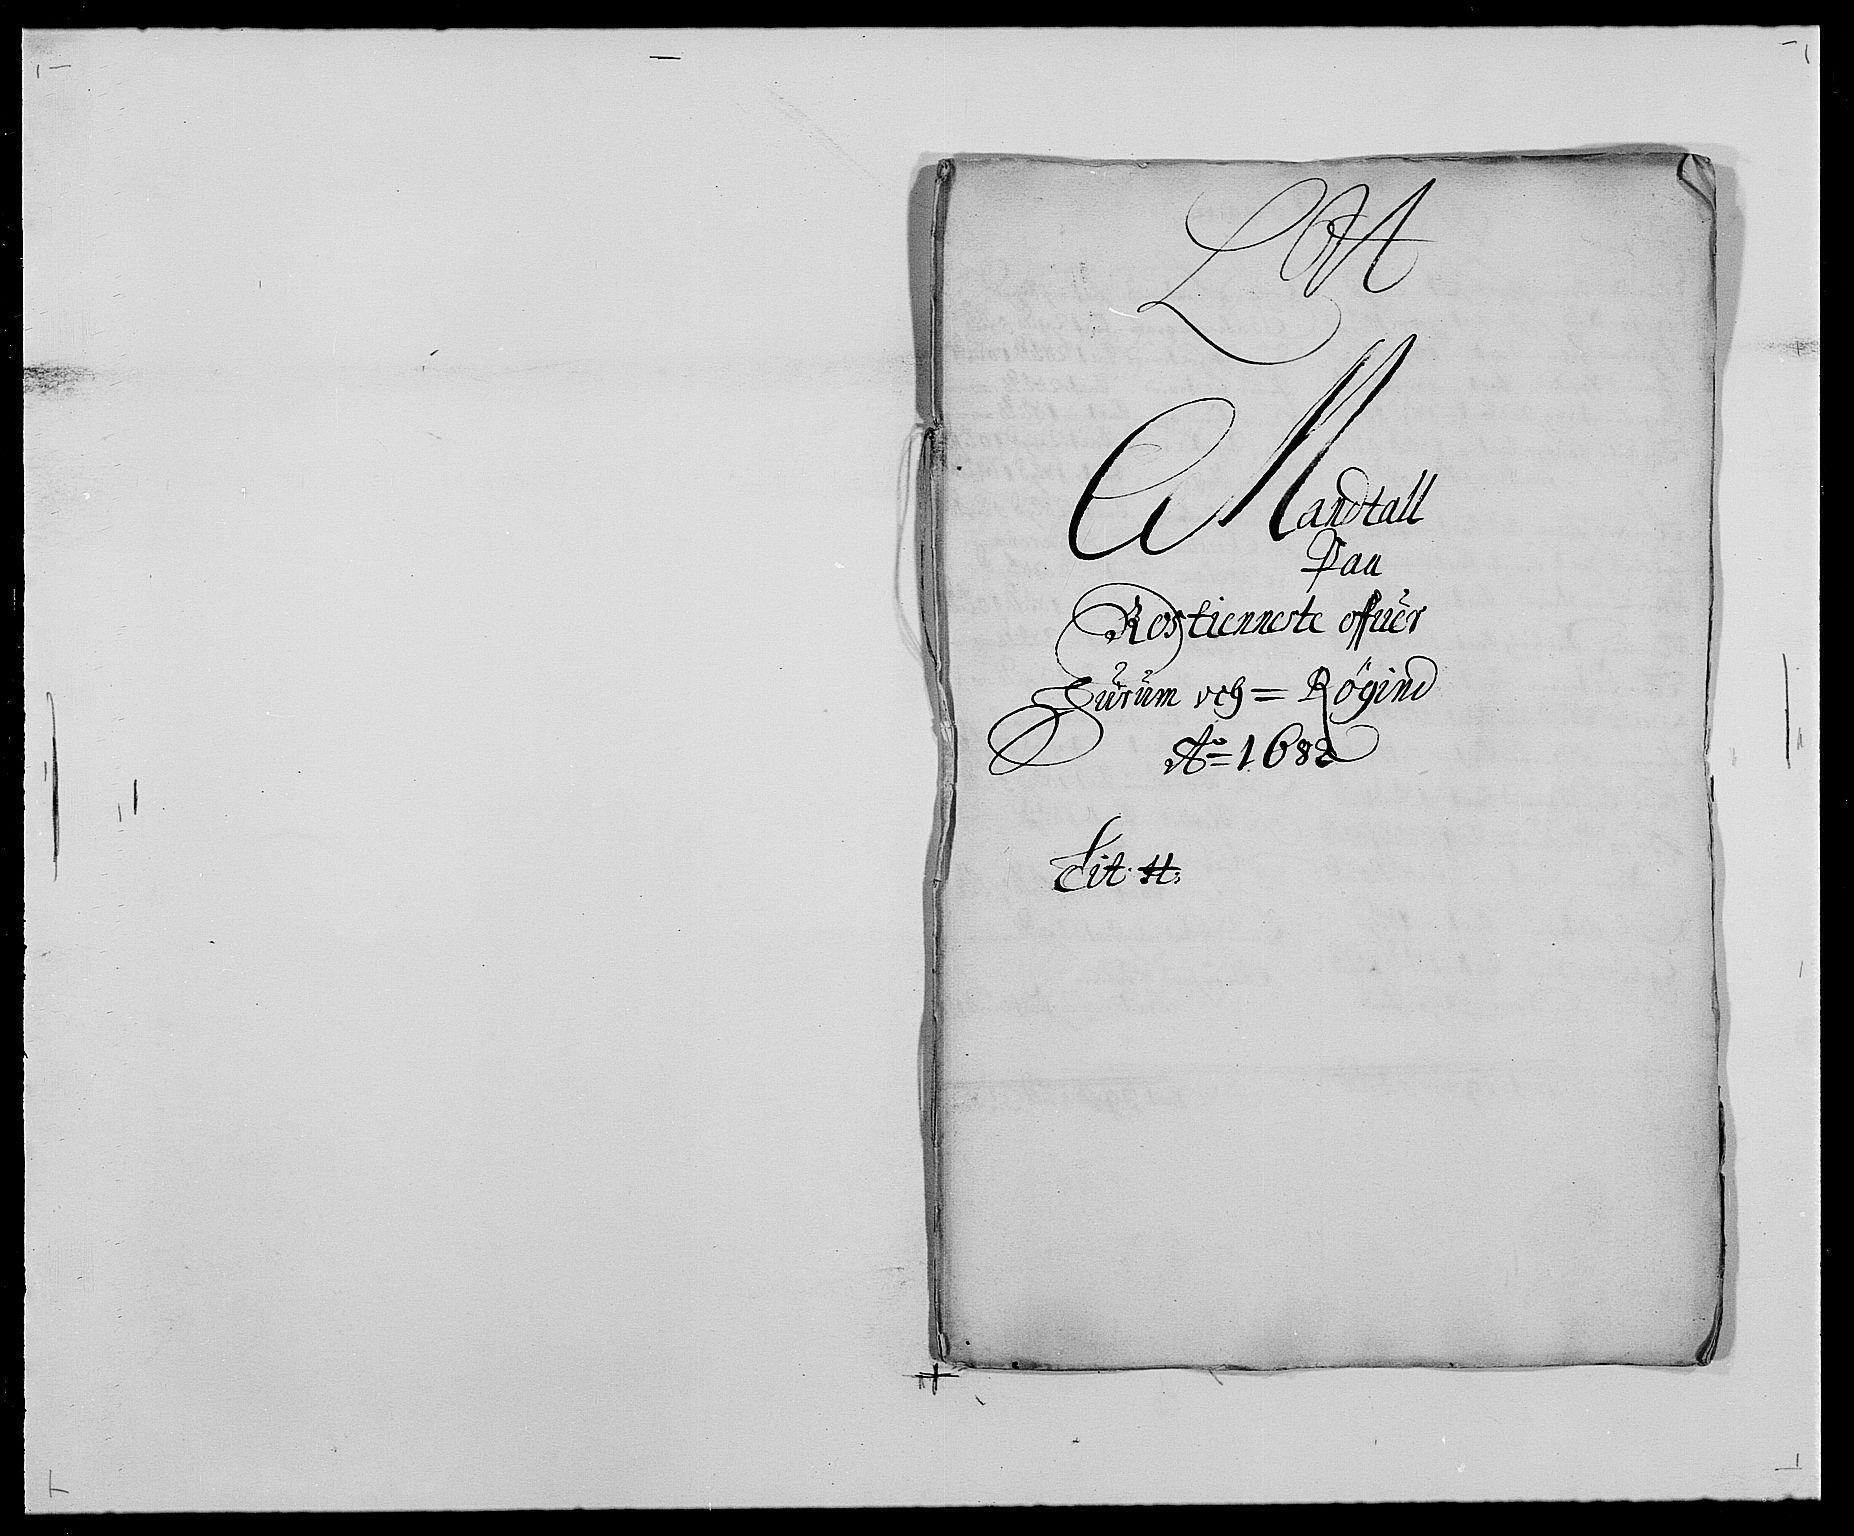 RA, Rentekammeret inntil 1814, Reviderte regnskaper, Fogderegnskap, R29/L1692: Fogderegnskap Hurum og Røyken, 1682-1687, s. 104